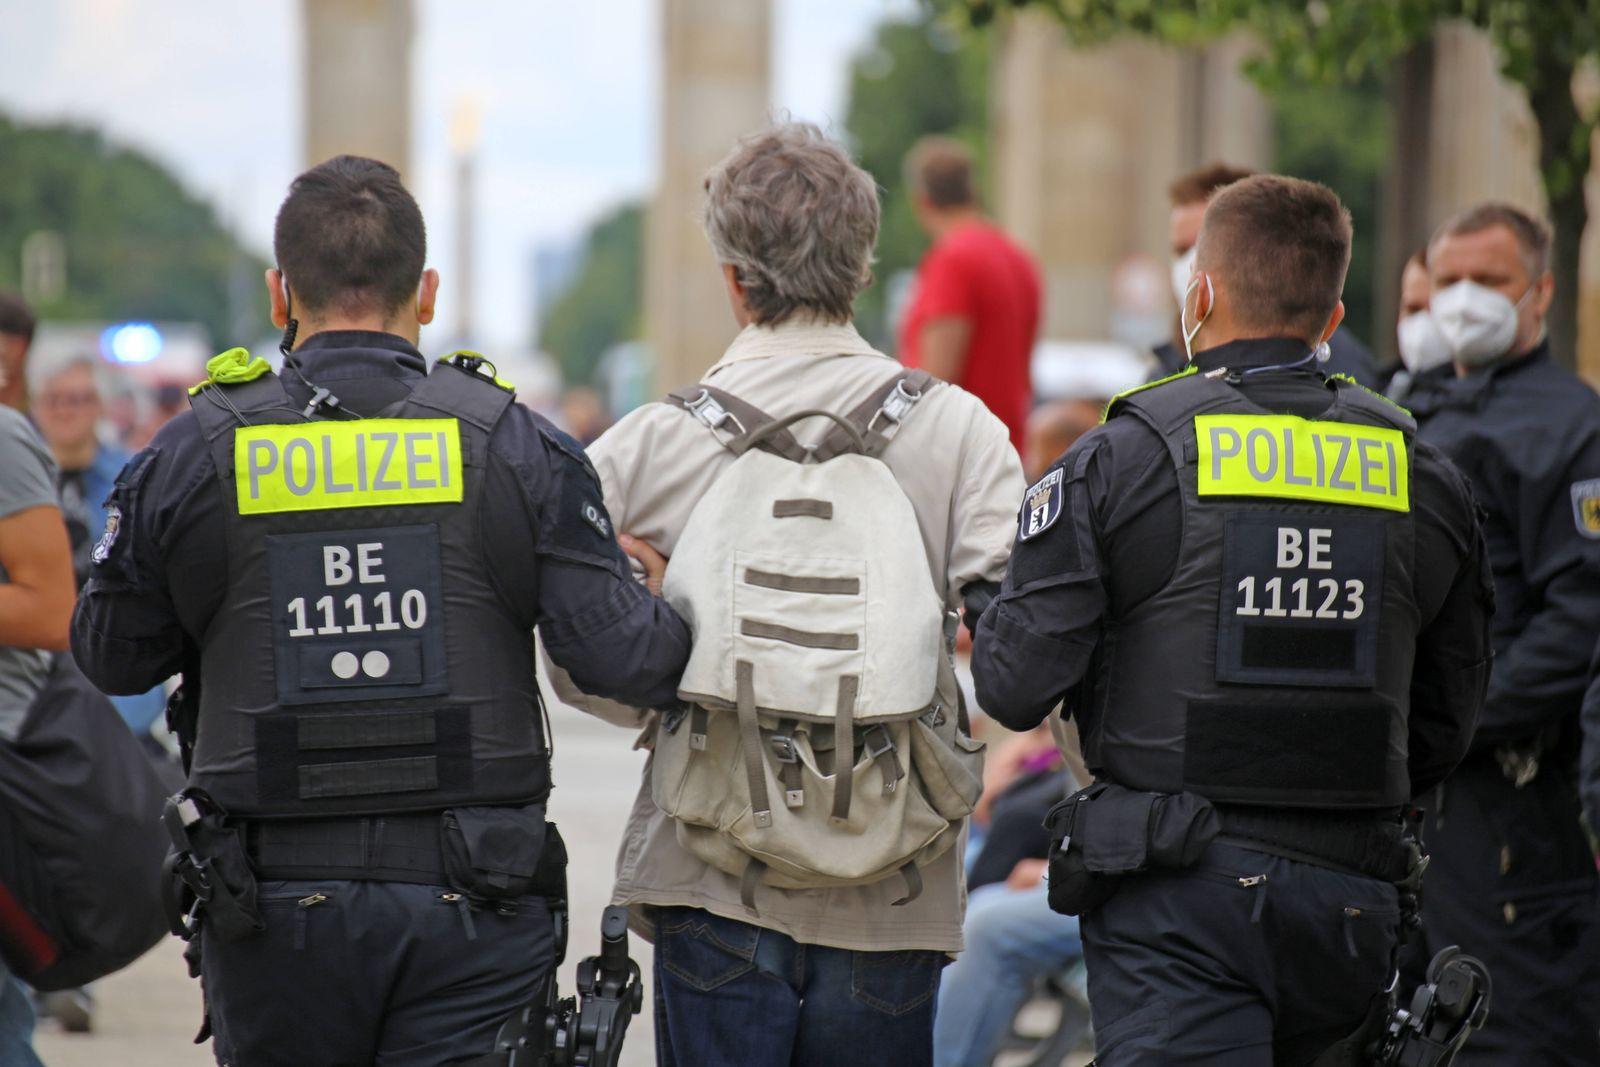 Berlin: Die geplante Querdenker-Demo für Frieden und Freiheit gegen die Coronamaßnahmen der Bundesregierung wurde verbo